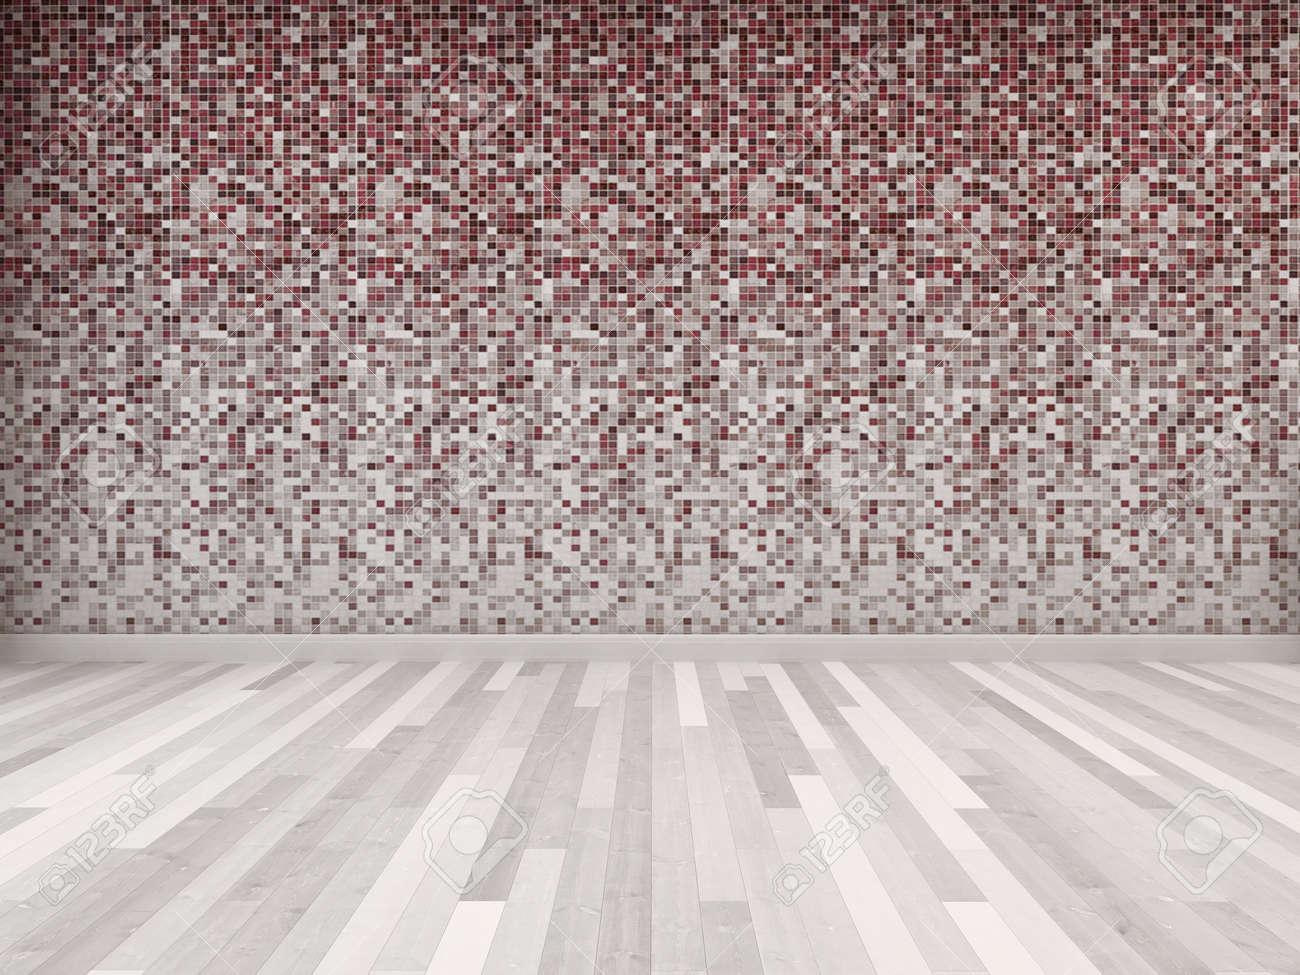 Pavimento Rosso E Bianco : Stanza vuota con un pavimento in parquet e muro rosso e bianco